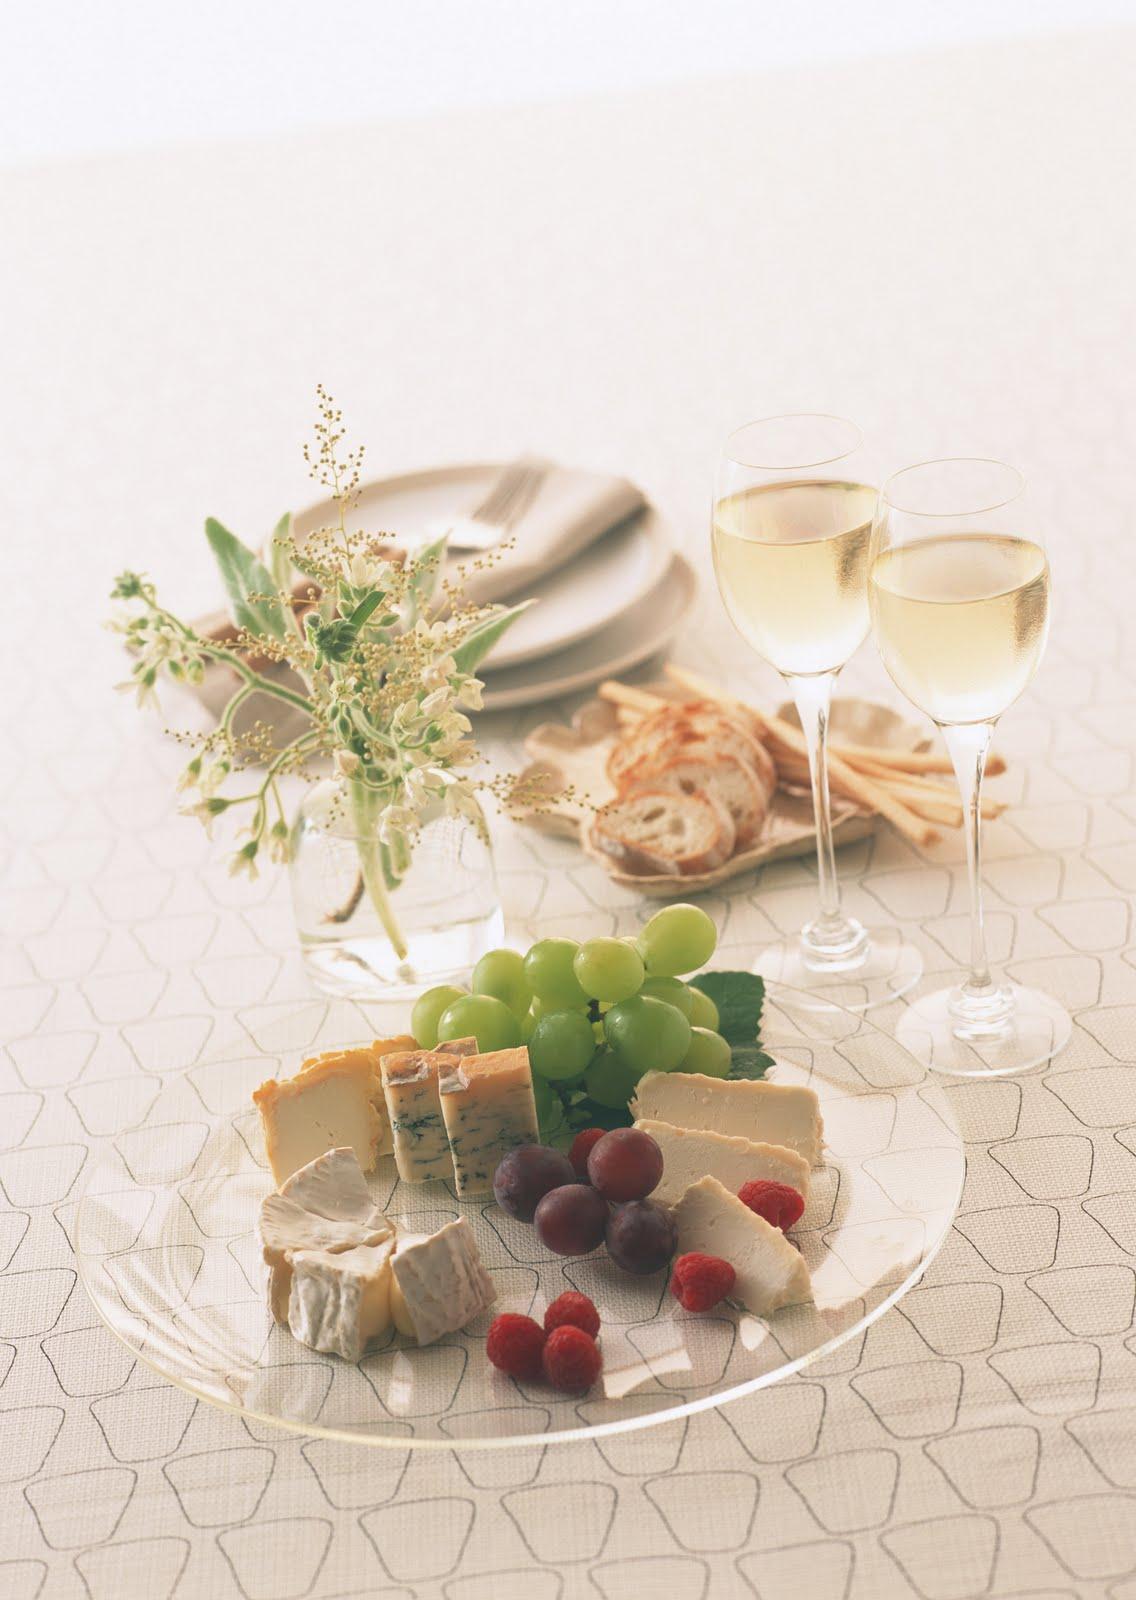 Matrimonio Perfecto : Vinos en cÓrdoba quesos y matrimonio perfecto